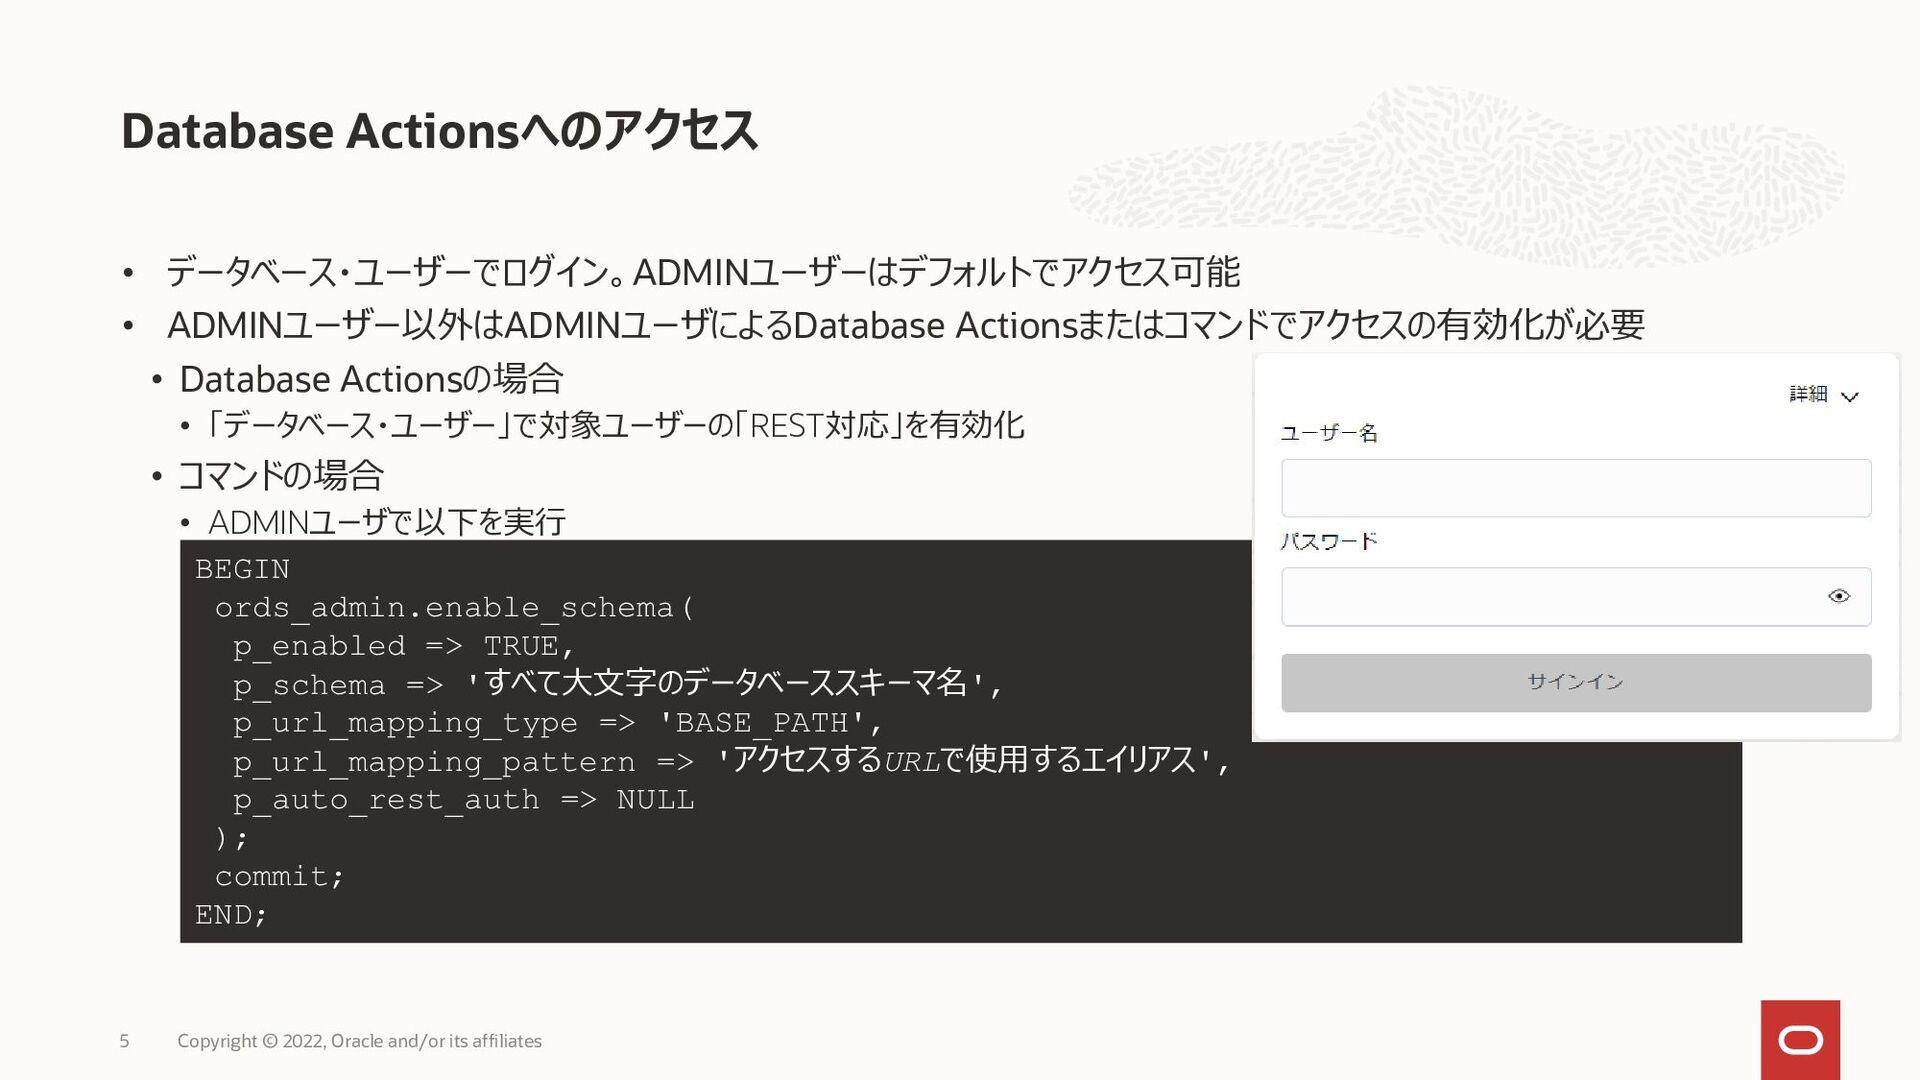 2021年 3月17日 (西海岸9am) 次世代のOracle Autonomous Data...